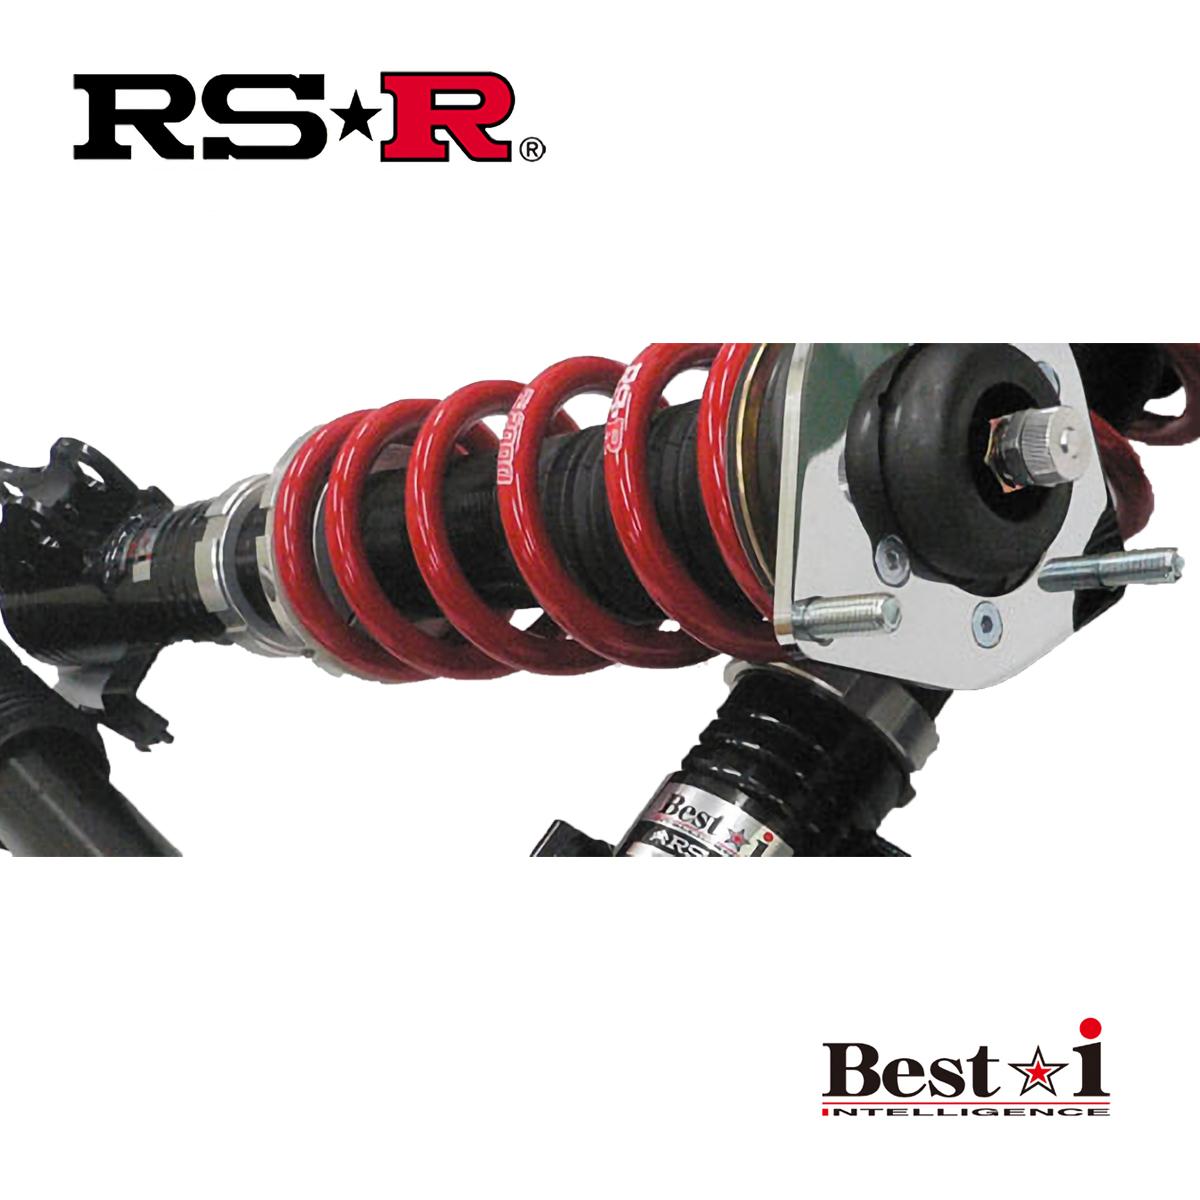 RS-R レクサス UX200 MZAA10 バージョンC 車高調 リア車高調整:全長式/ハードバネレート仕様 BIT303H ベストi RSR 条件付き送料無料